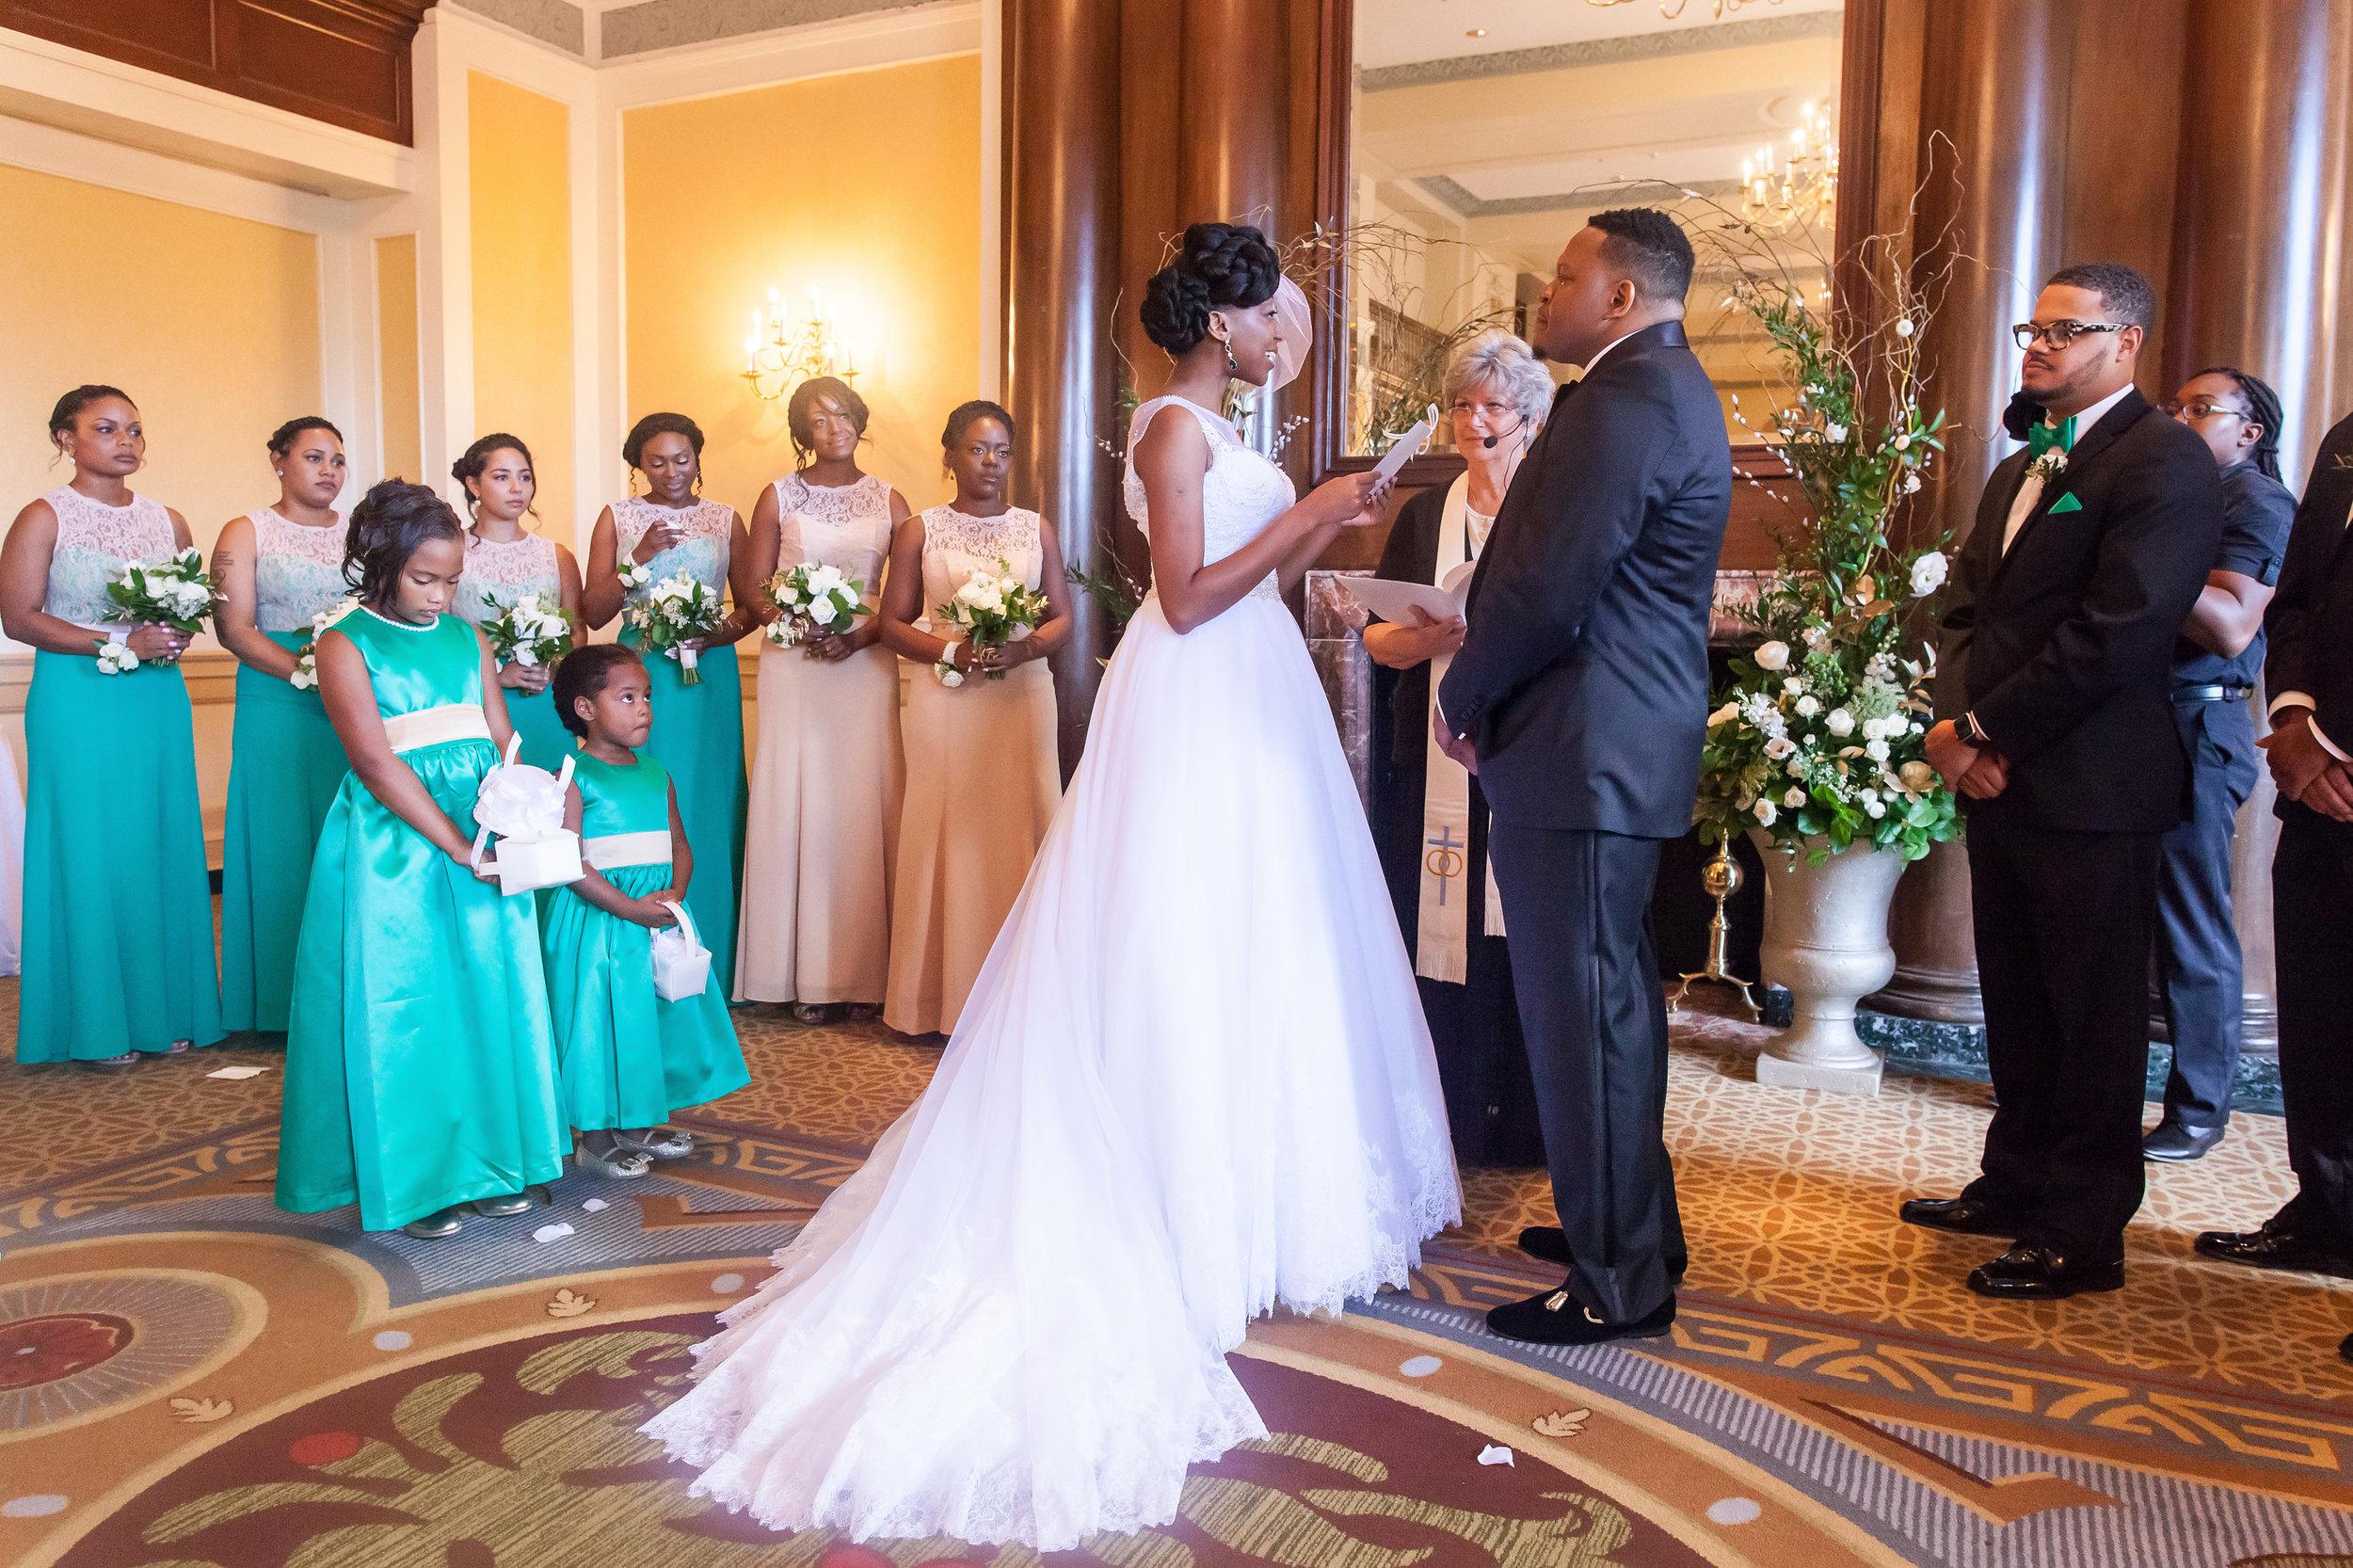 chenai_wedding_wire-34-2017_wedding_wire.jpg